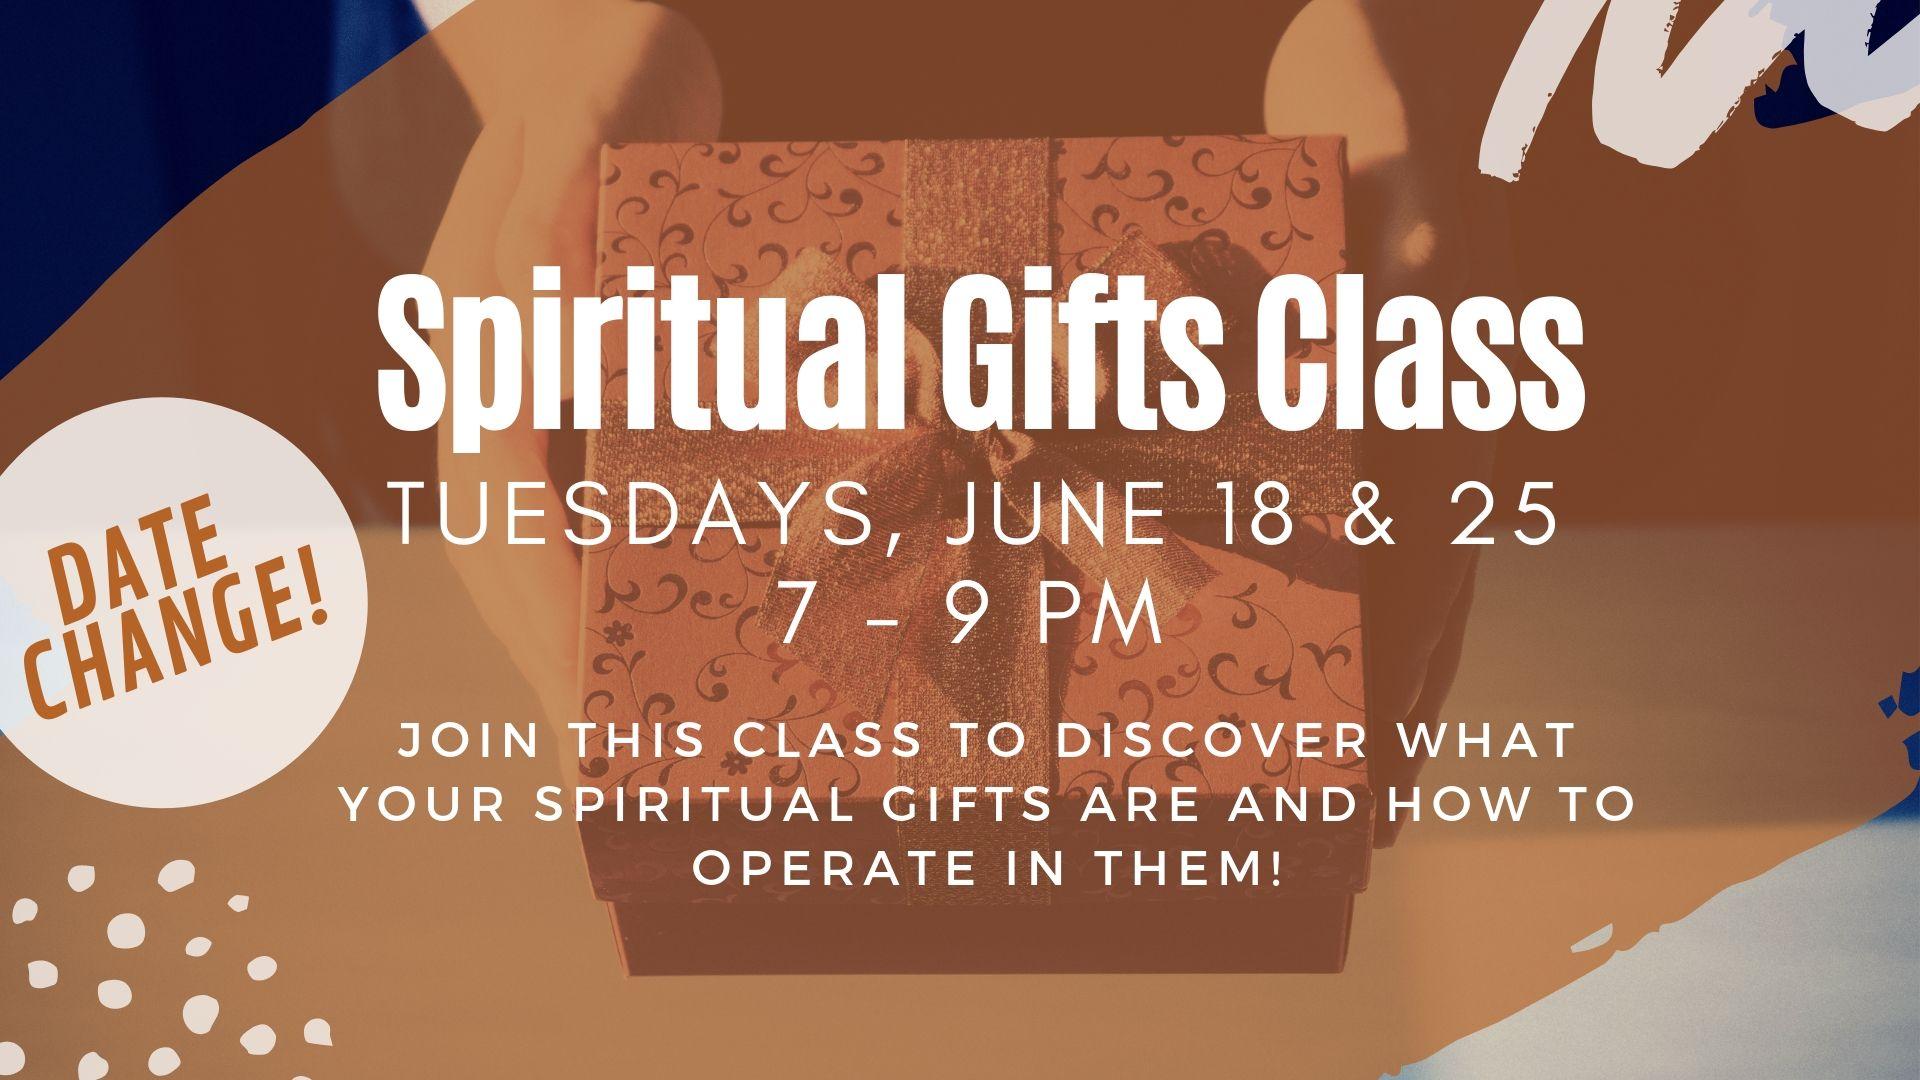 Spiritual Gifts Calss(1).jpg